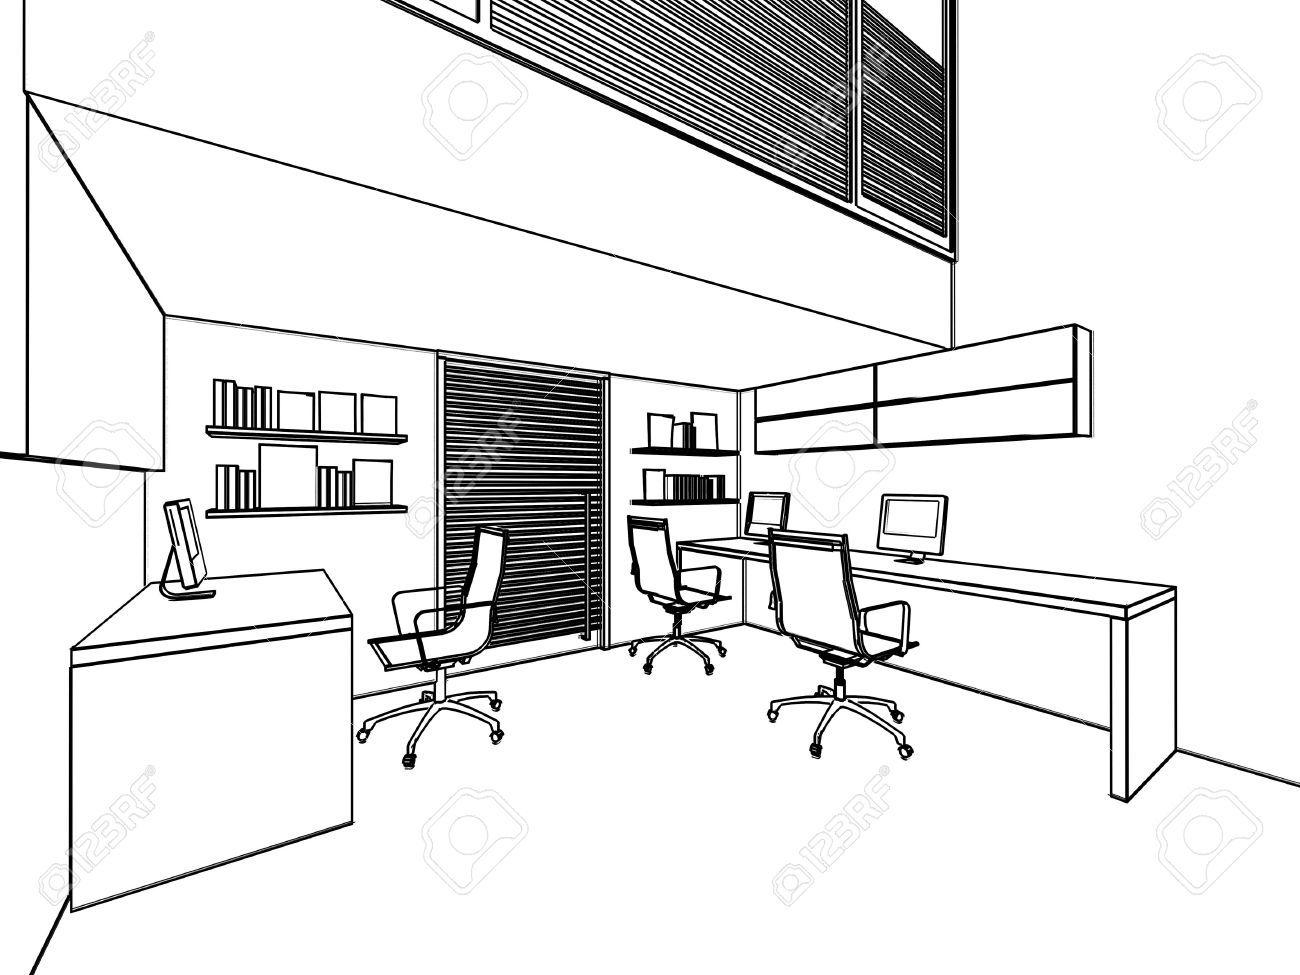 Prinzipskizze Zeichnung Perspektive Eines Innenraum Bro